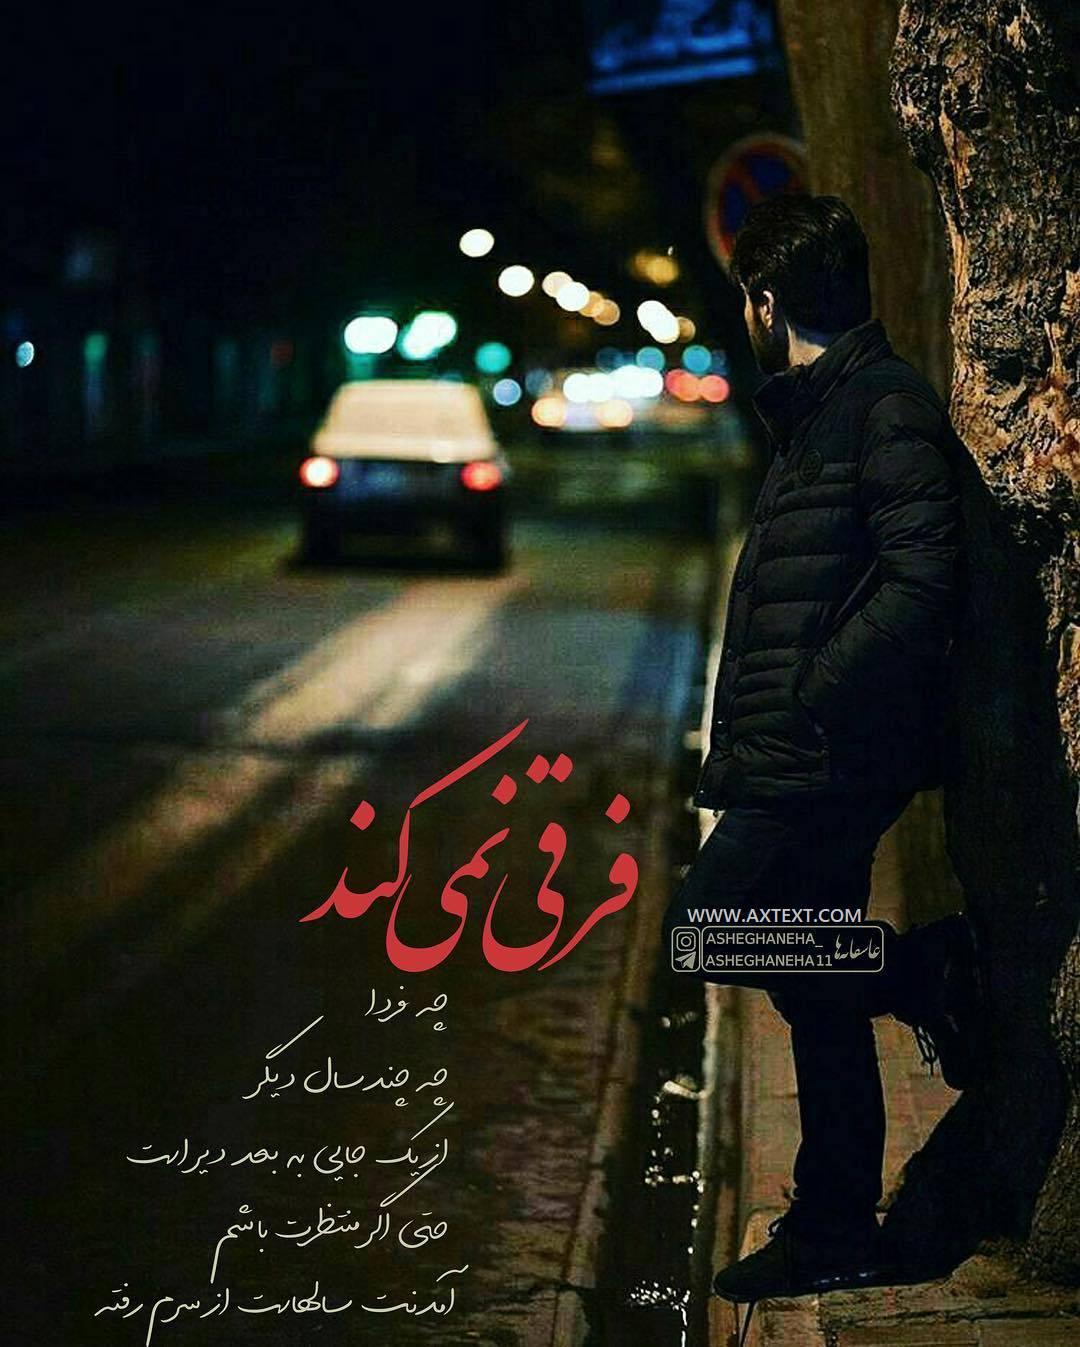 عکس نوشته غمگین فرقی نمیکند چه فردا